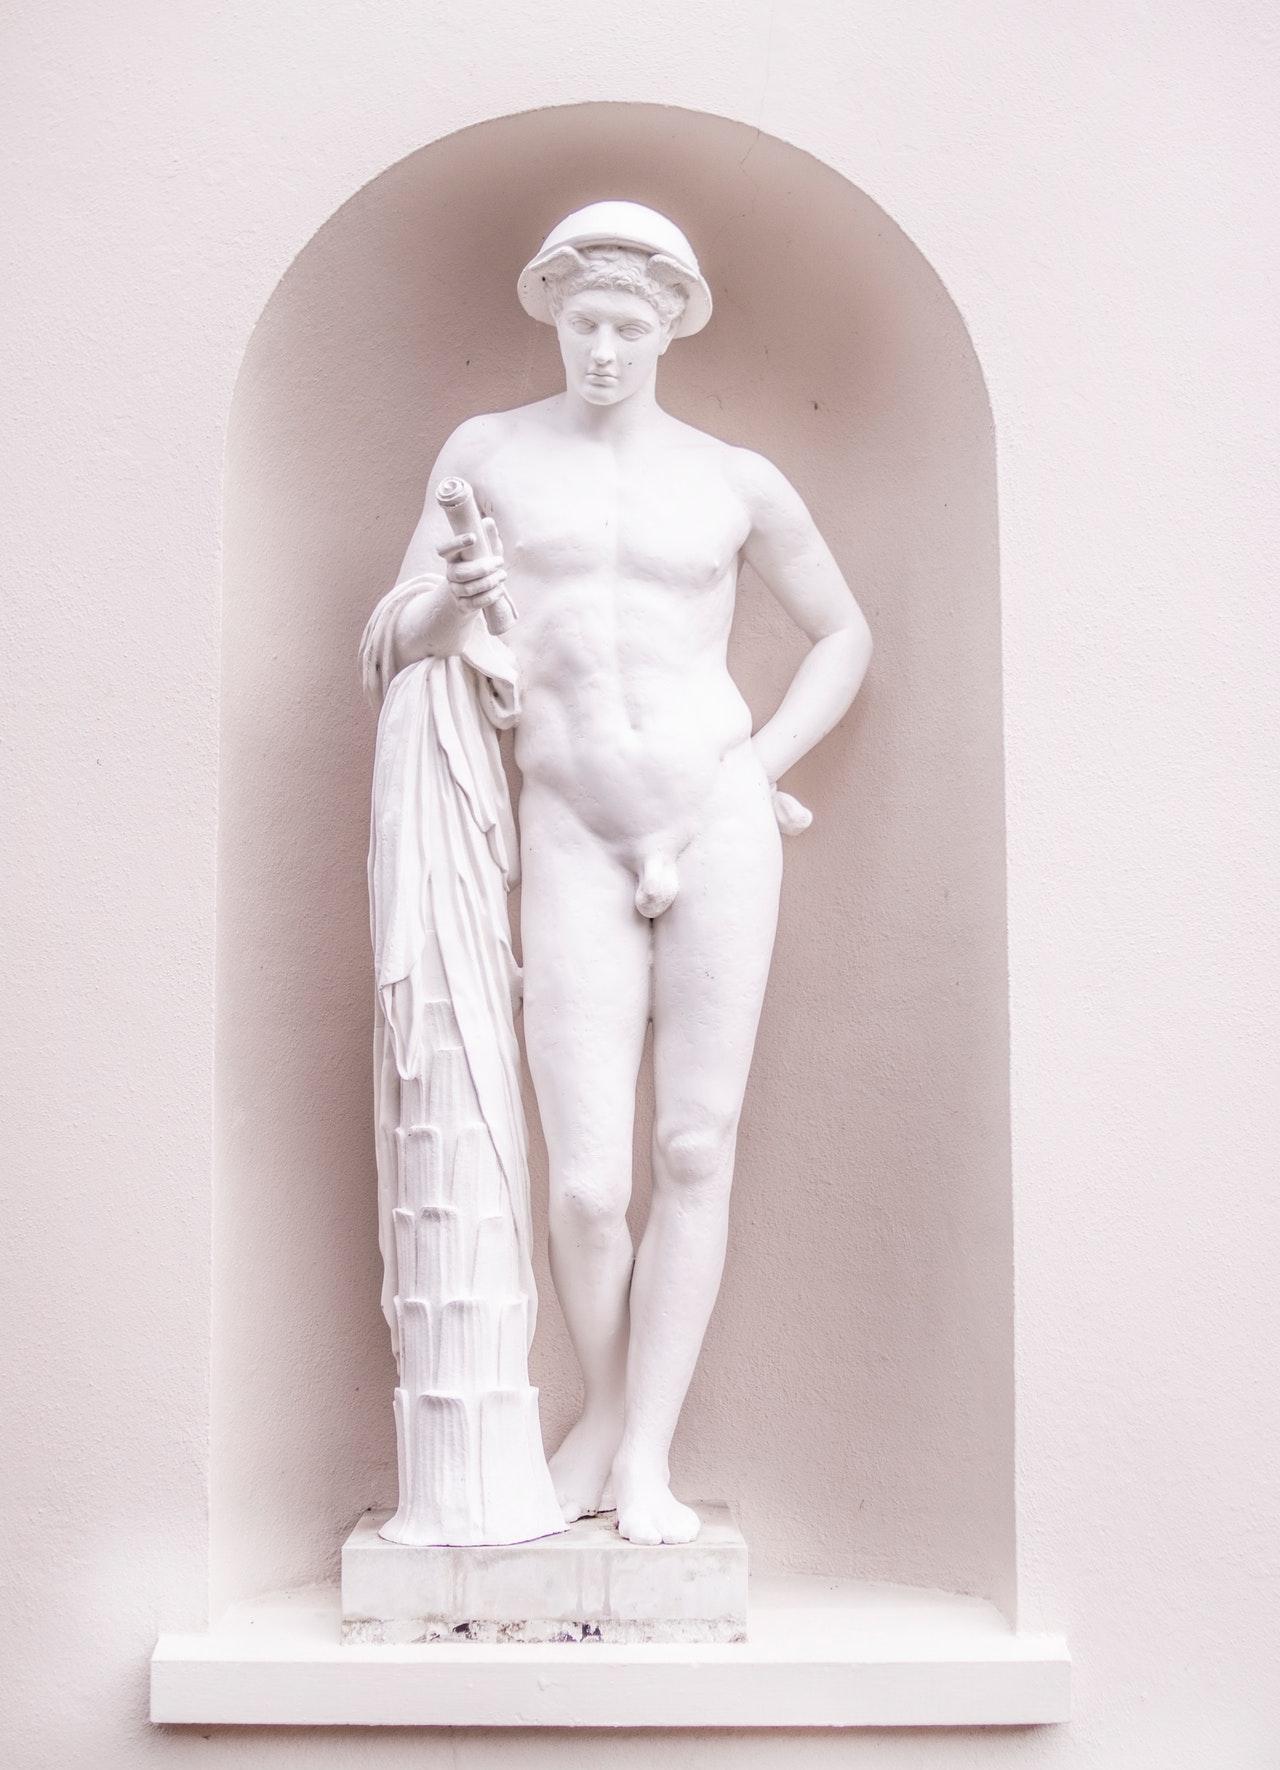 foto sochy nahého muže